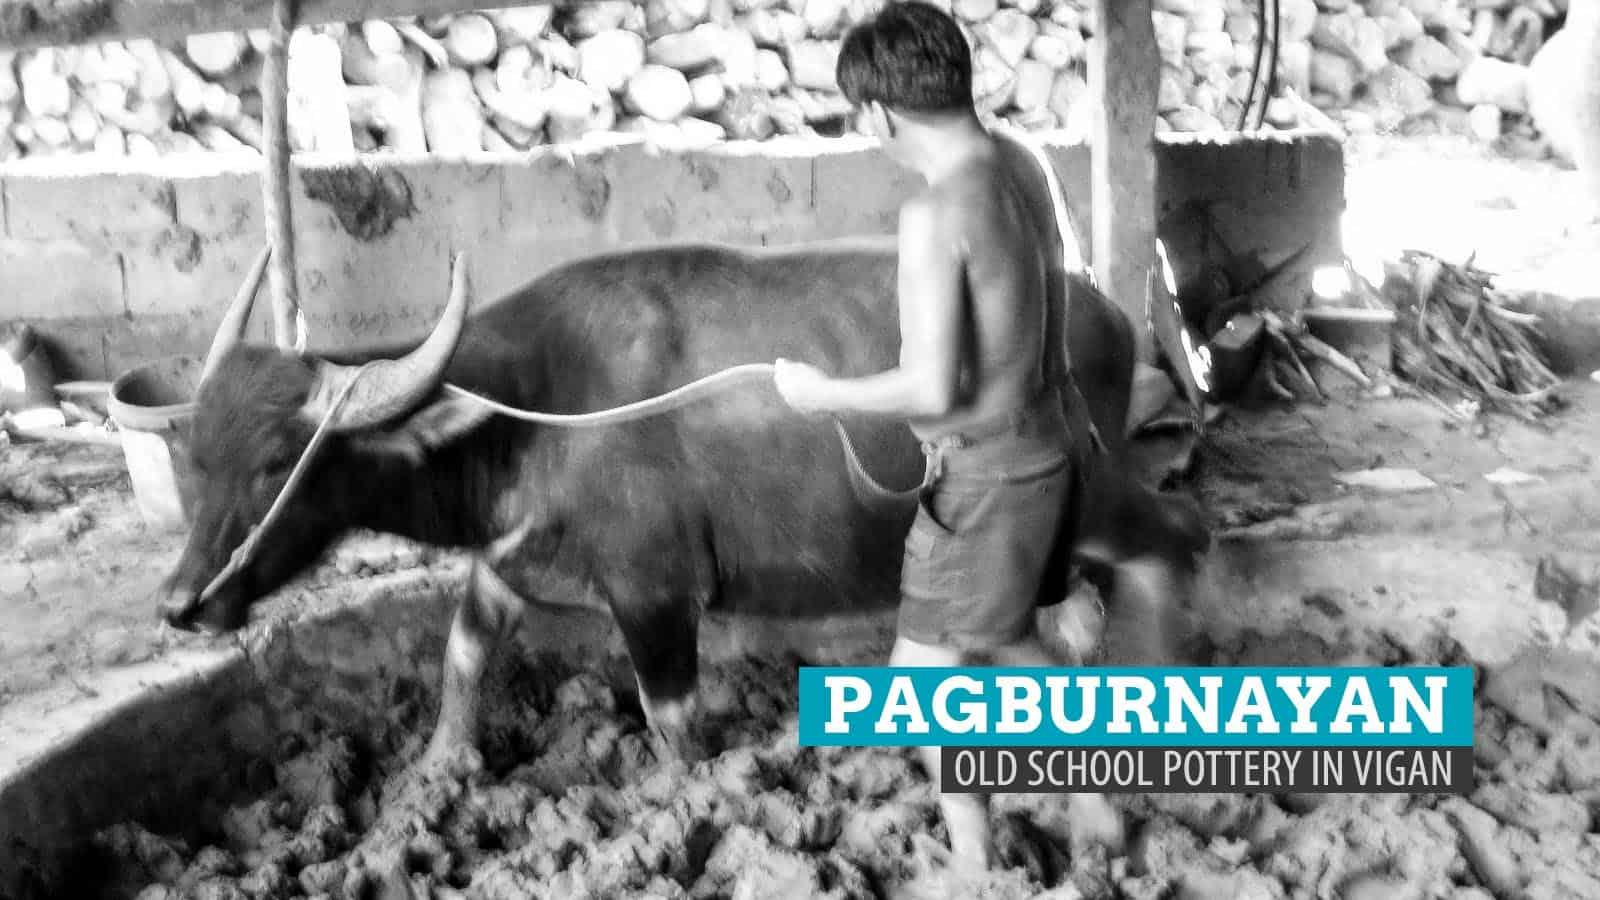 Pagburnayan: Old School Pottery in Vigan, Ilocos Sur, Philippines